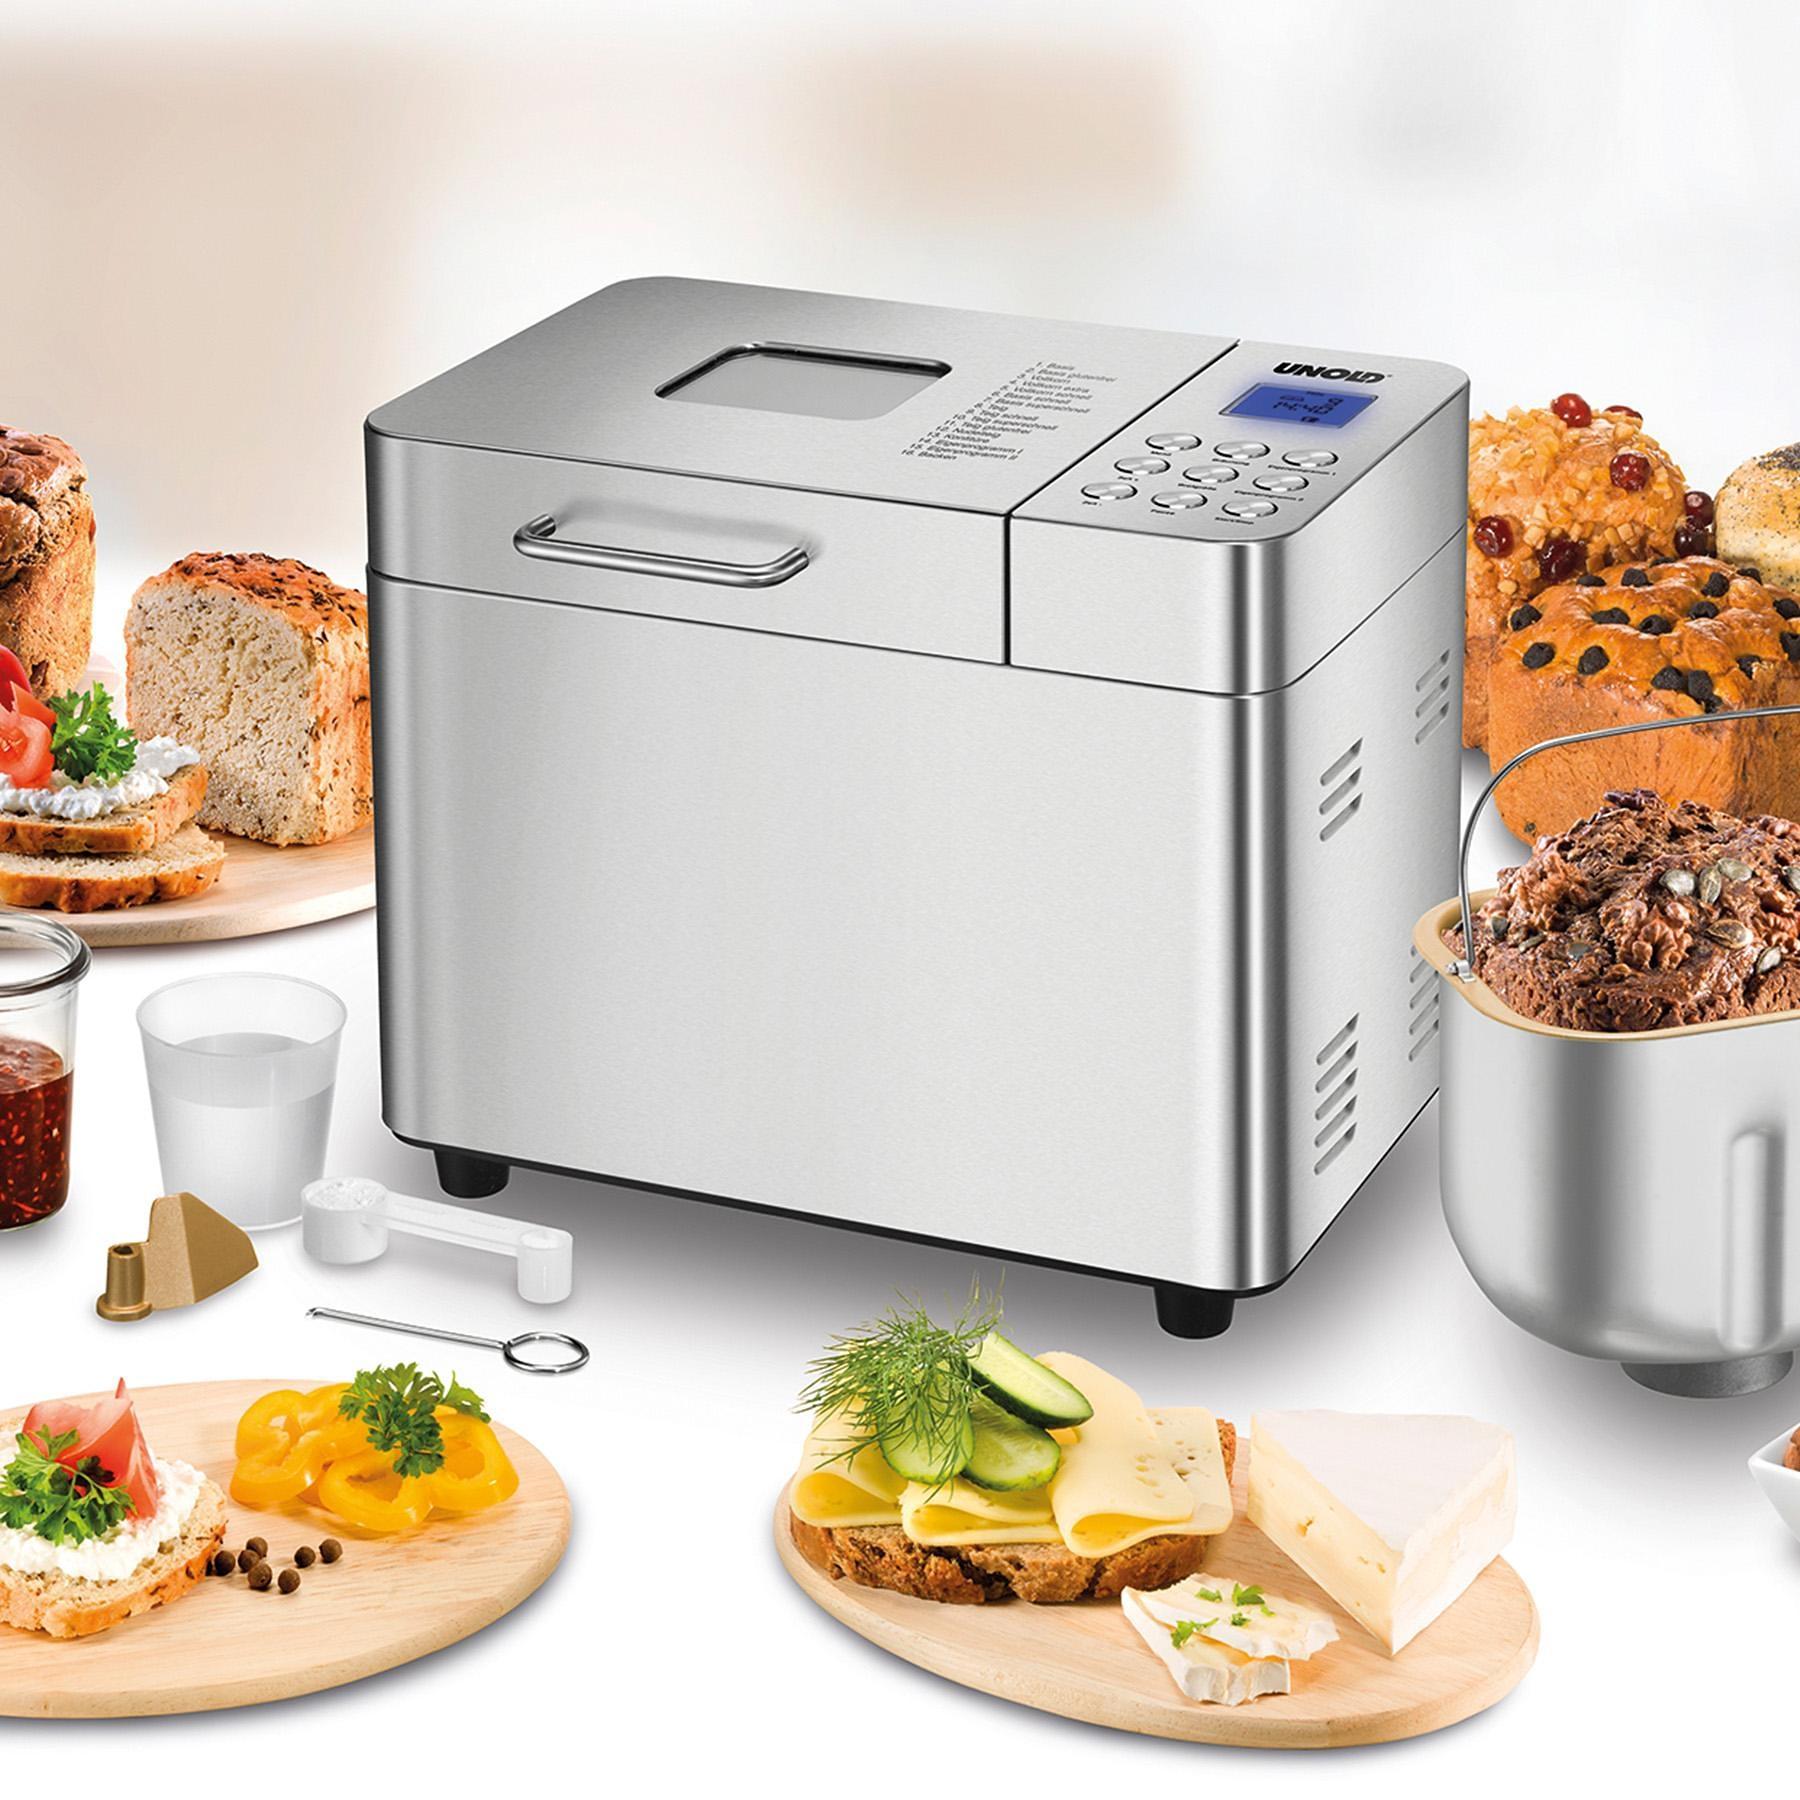 Unold broodbakmachine Backmeister Edel 68456, 16 programma's, 550 watt bestellen: 30 dagen bedenktijd